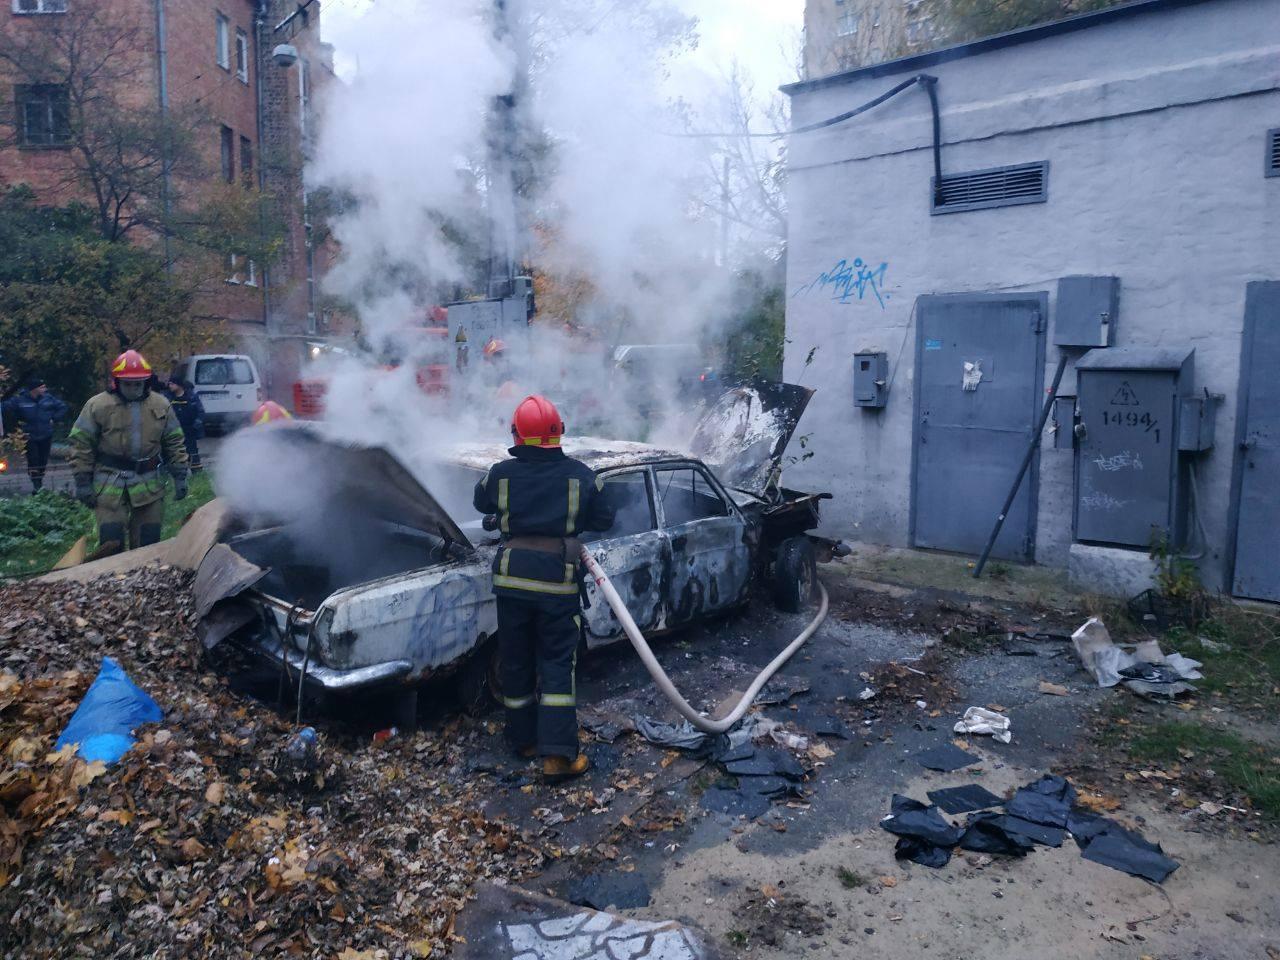 Пожежі в автомобілях: три випадки за минулу добу - Пожежа авто, автомобіль - 124419495 3477525568994027 4232501528360069679 o